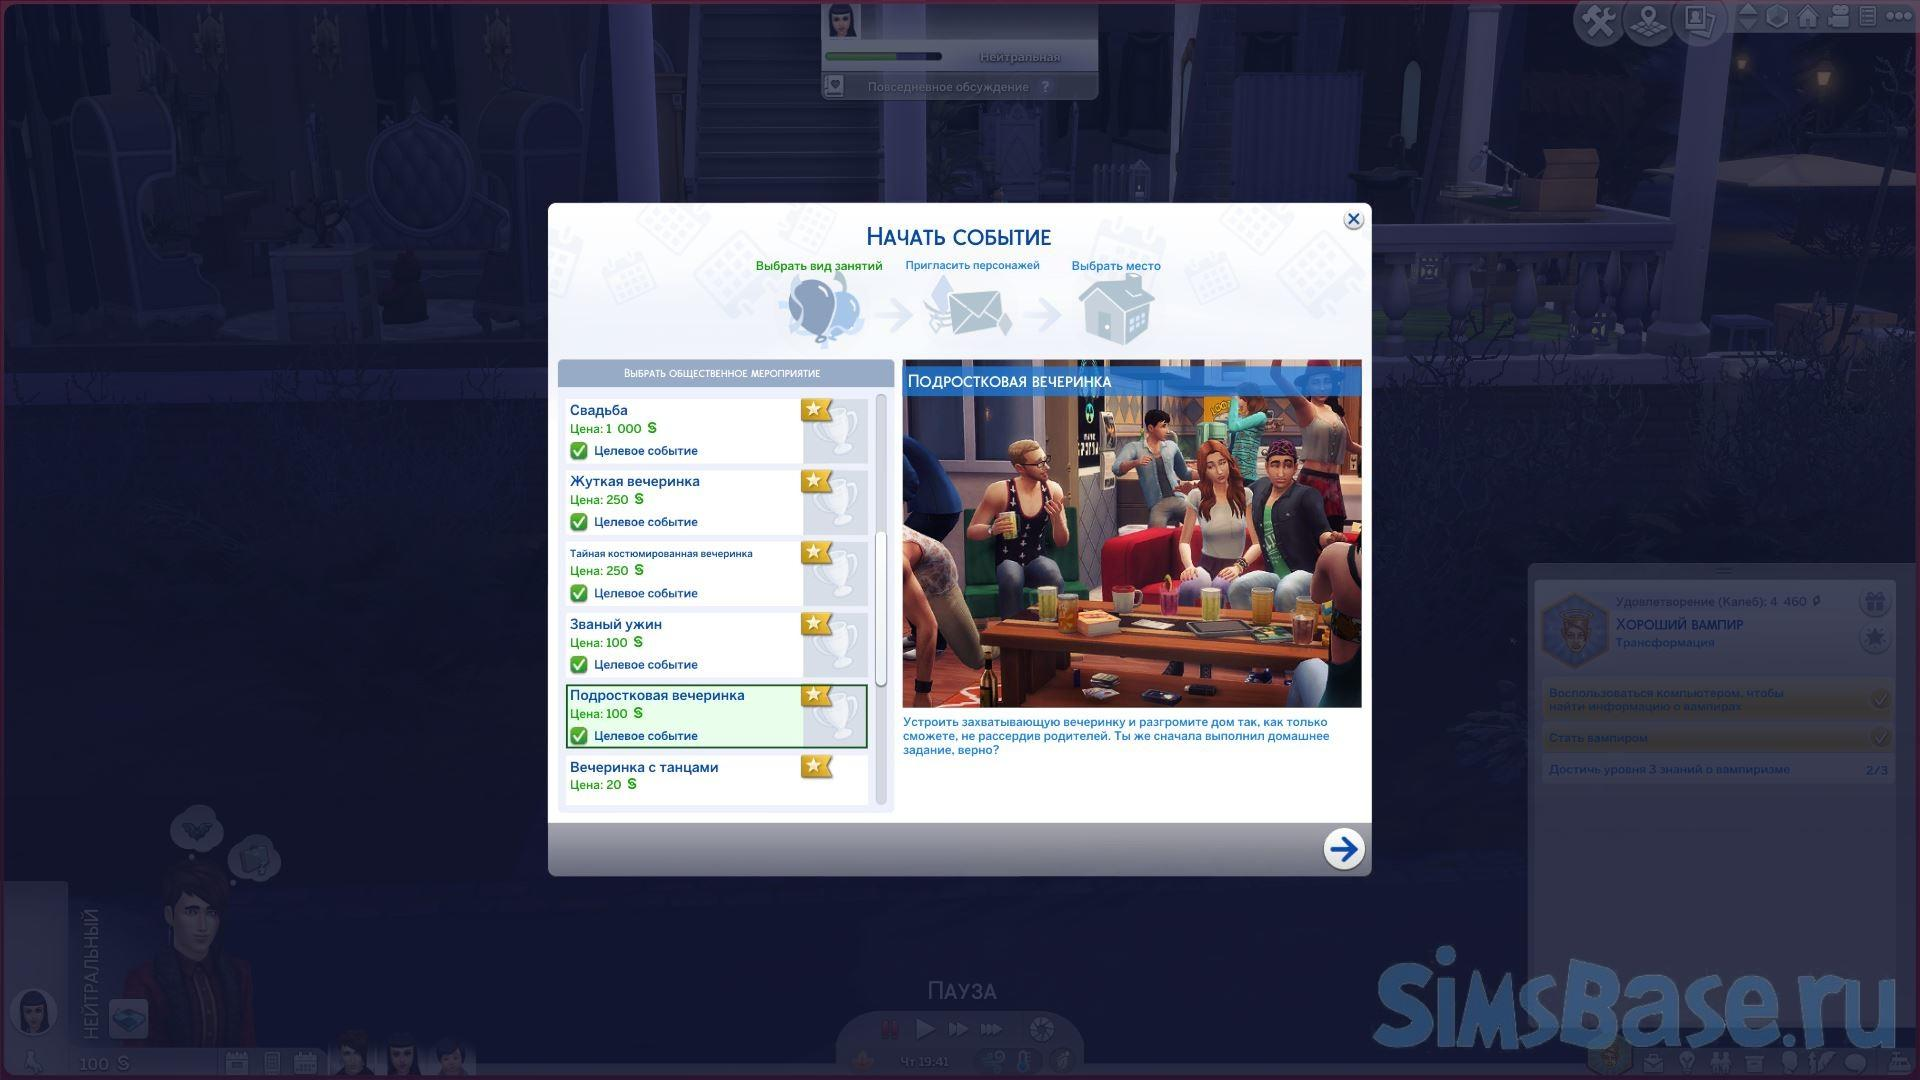 Мод «Жизненный опыт или Sims 4 Experiences» от zerbu для Sims 4